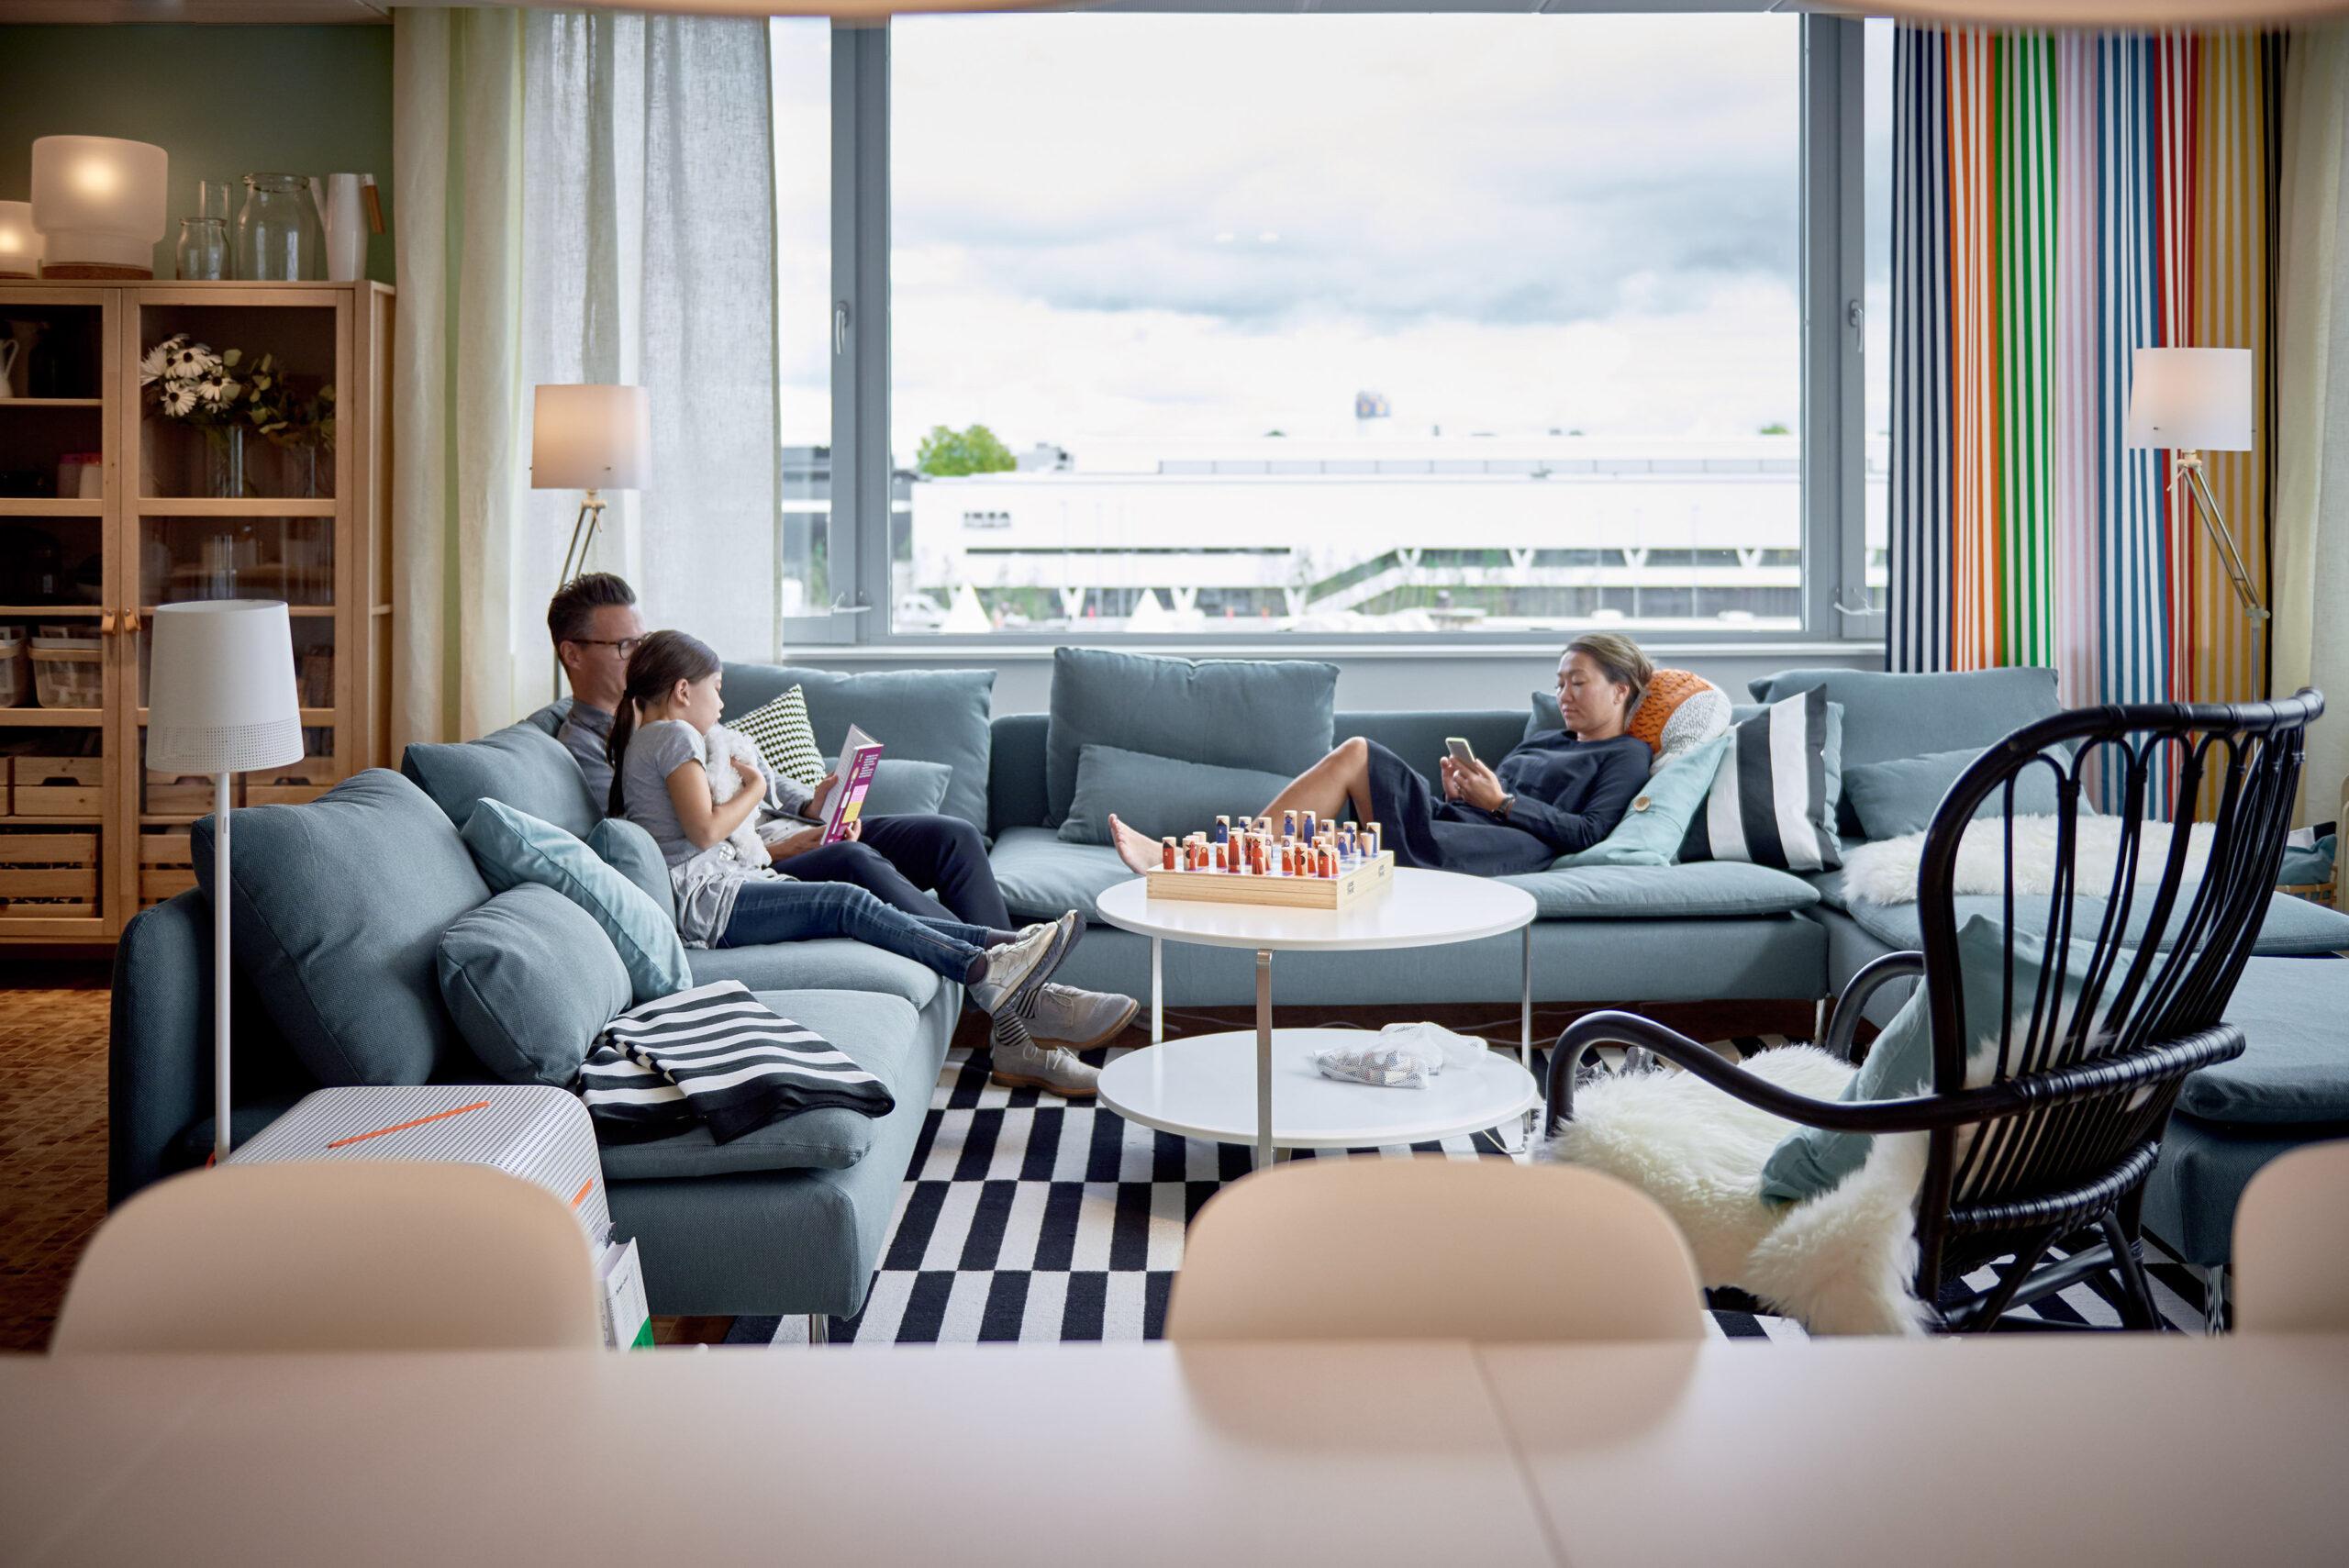 Full Size of Barrierefreie Küche Ikea Hotell In Lmhult Hotel De Behindertengerechte Beistellregal Eckschrank Salamander Lieferzeit Waschbecken Betonoptik Eckbank Wohnzimmer Barrierefreie Küche Ikea